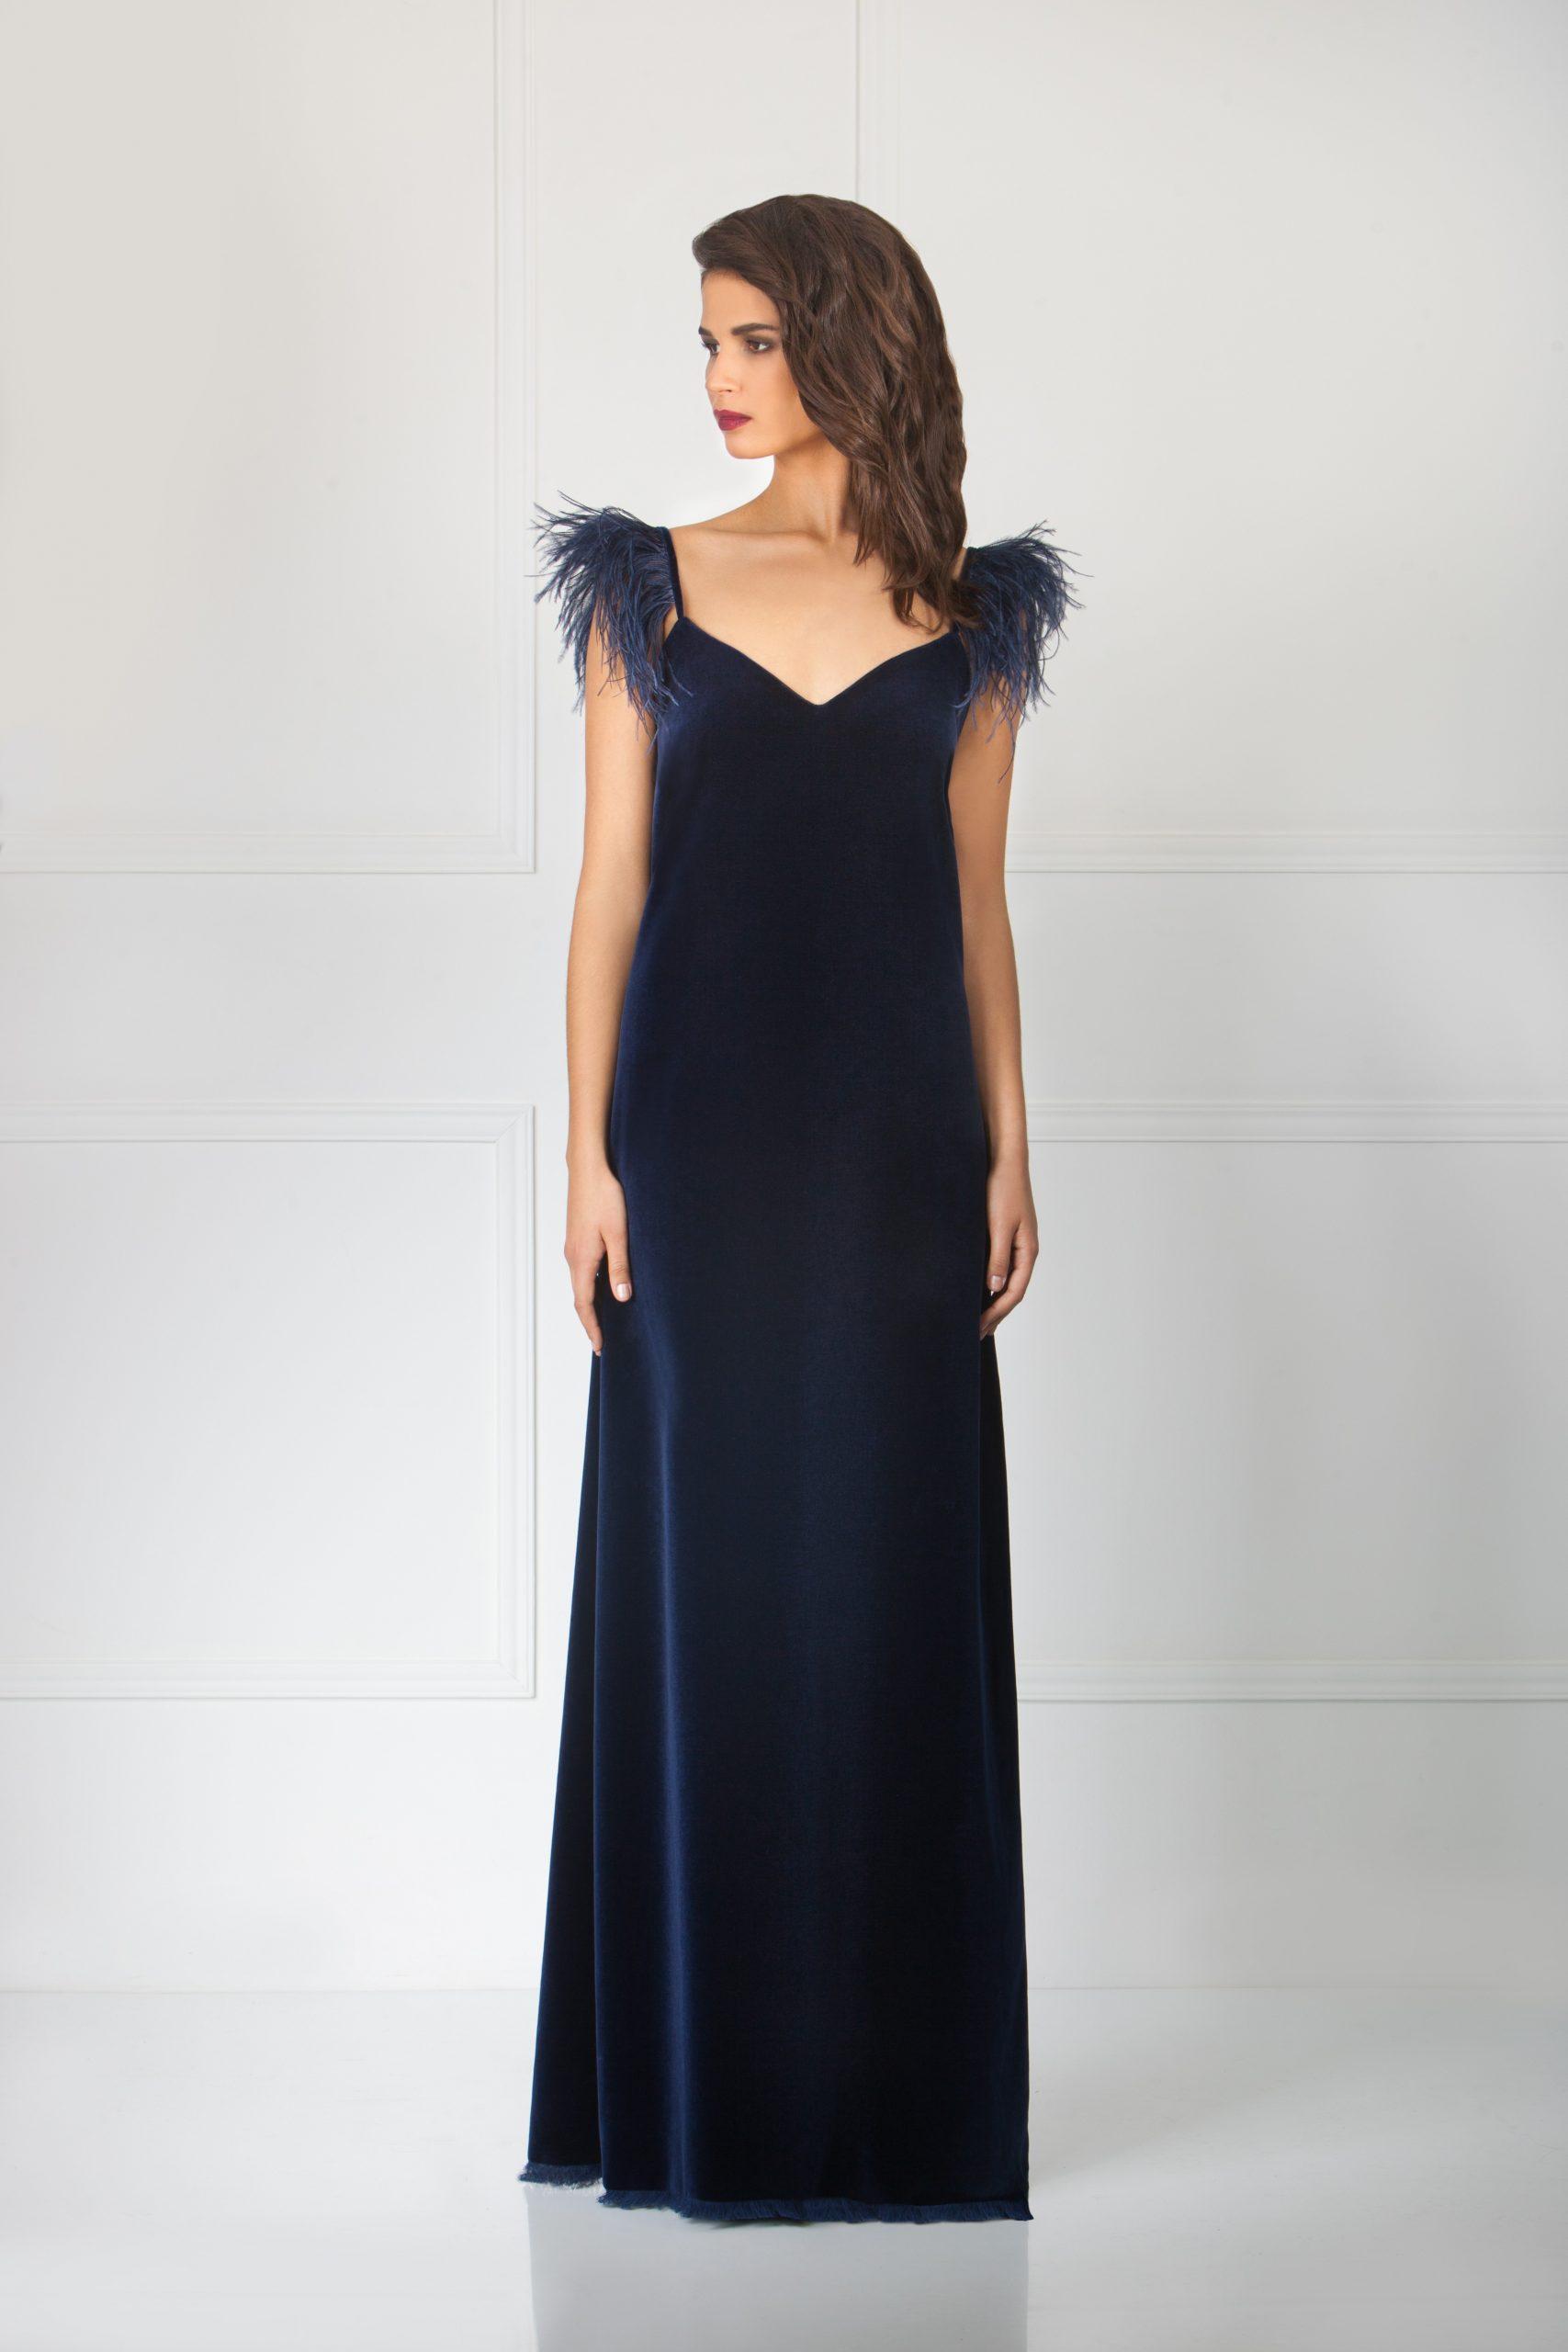 17 Luxurius Abendkleid Leihen Bester Preis17 Schön Abendkleid Leihen Ärmel